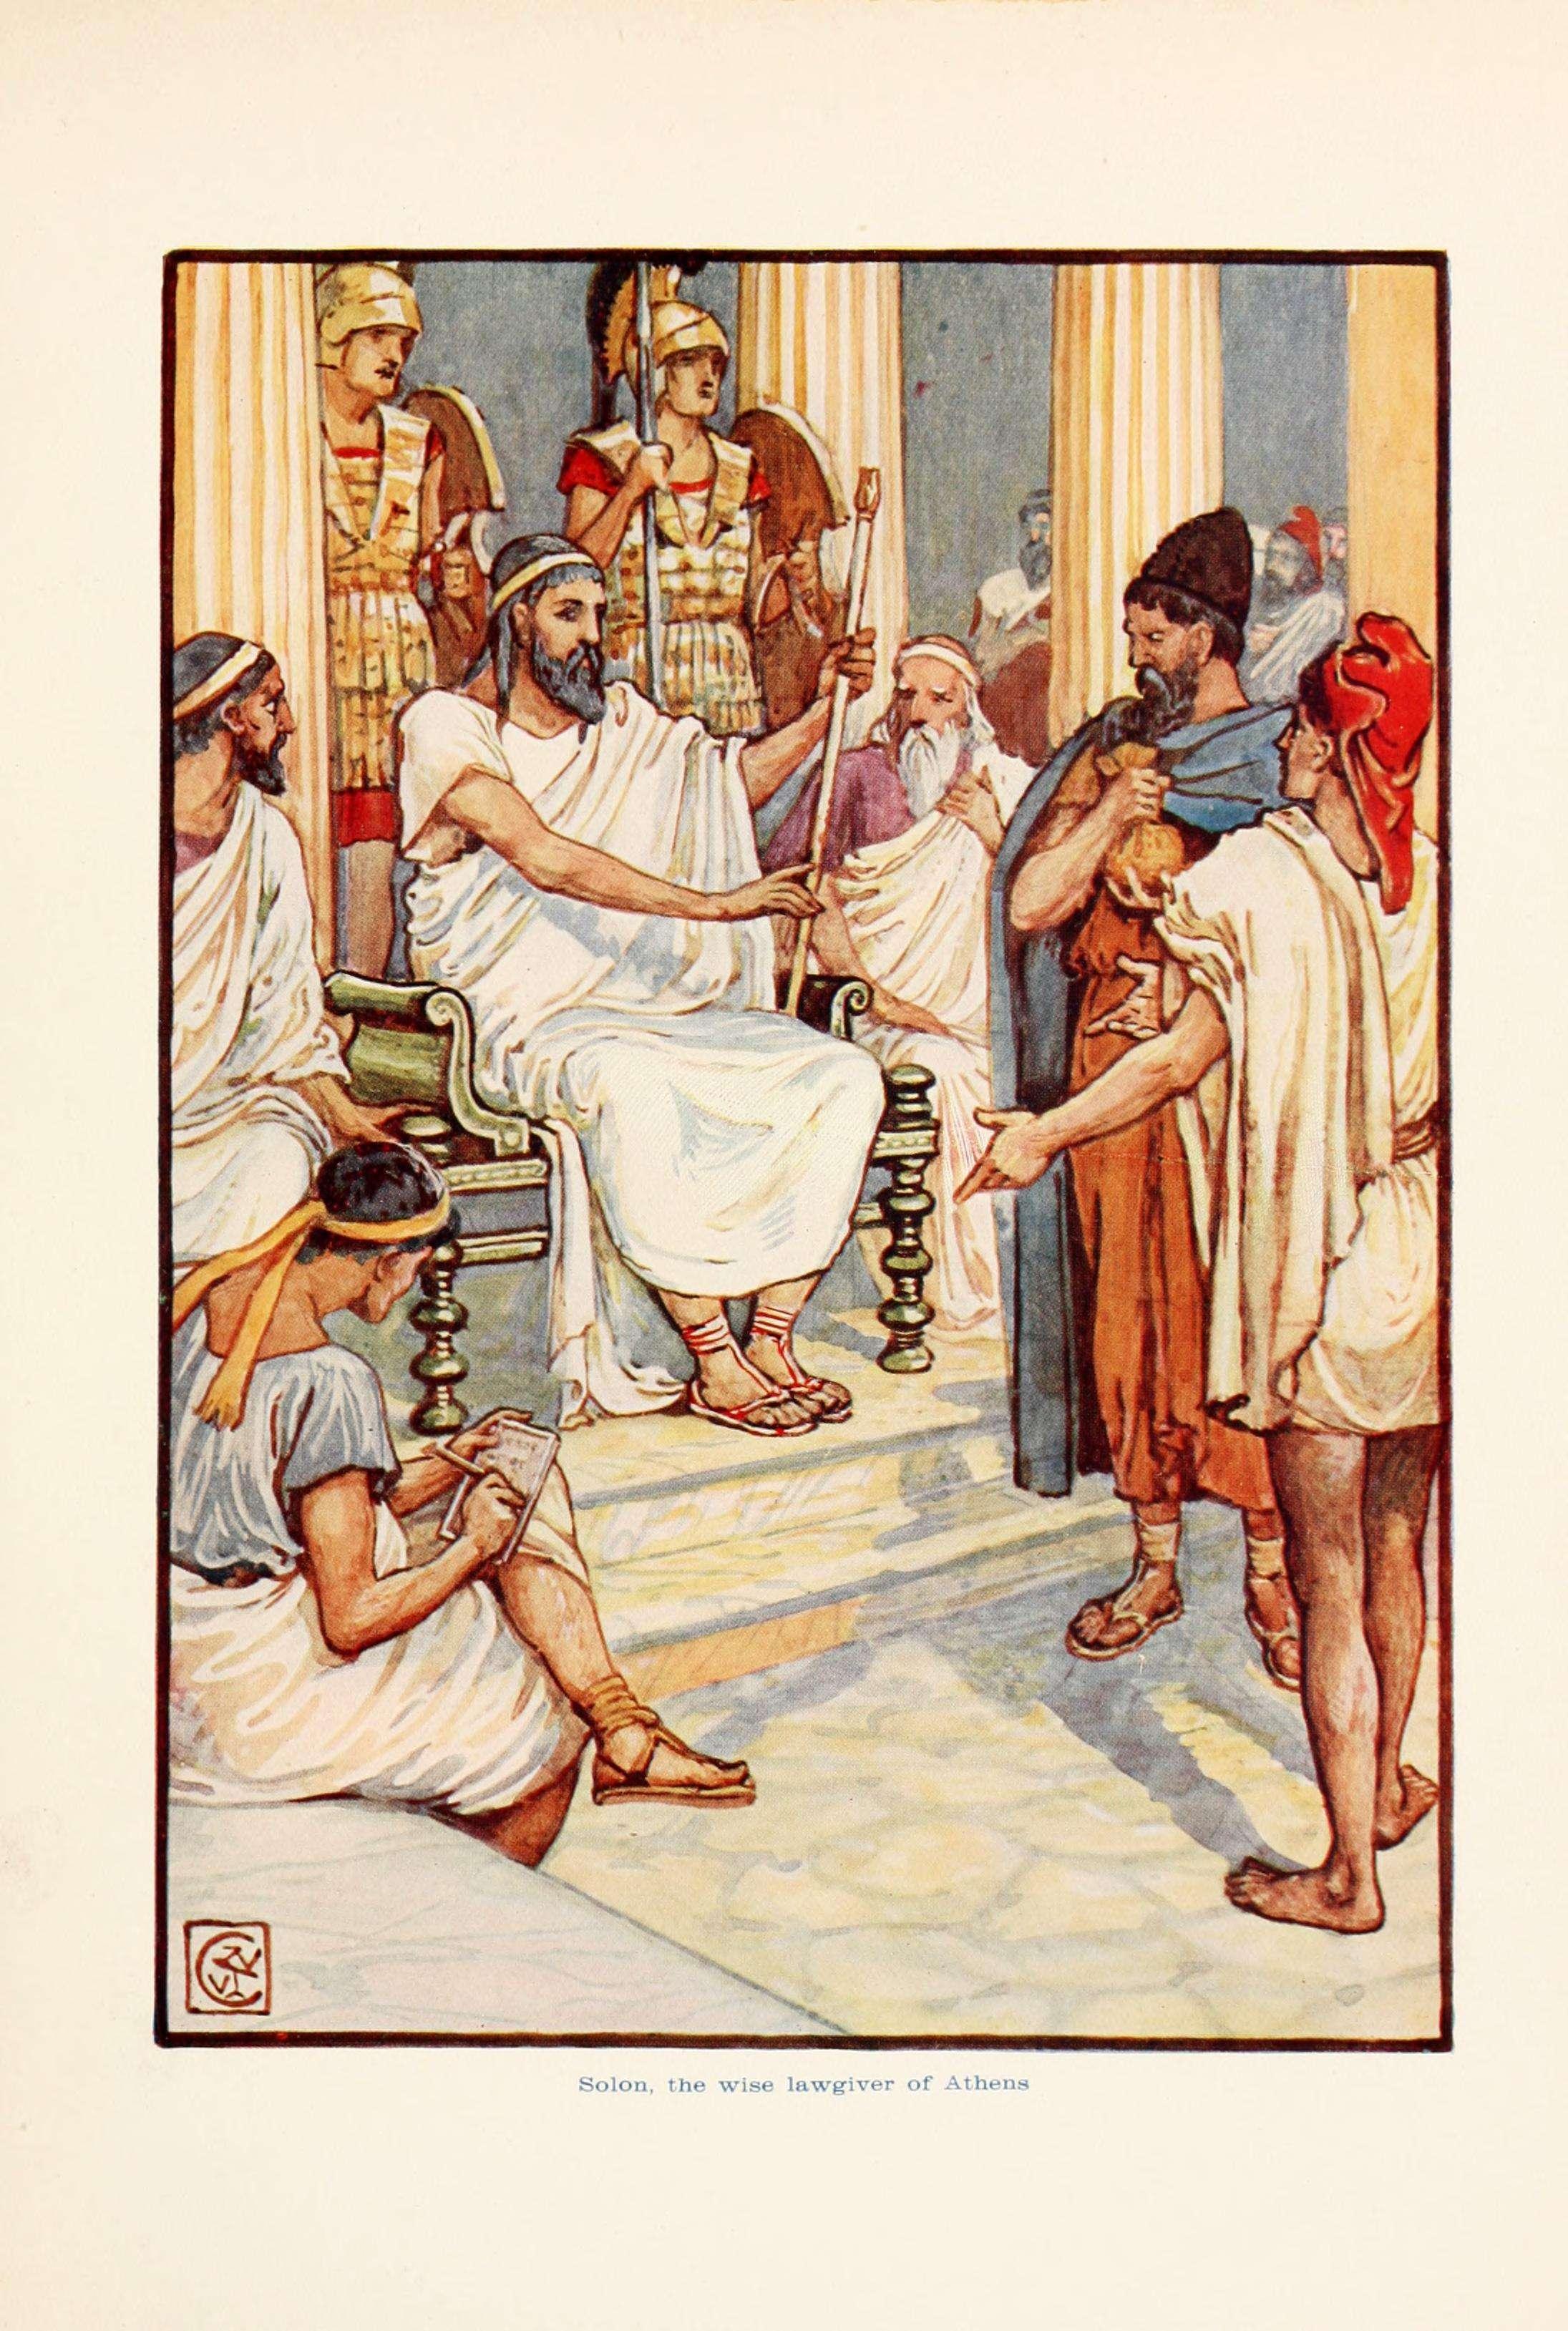 Ο Σόλωνας είχε μοναδικές αρετές, μετριοπάθεια, συνείδηση του δικαίου, καθώς και ειλικρινή αγάπη για την πατρίδα. Solon, the wise lawgiver of Athens.